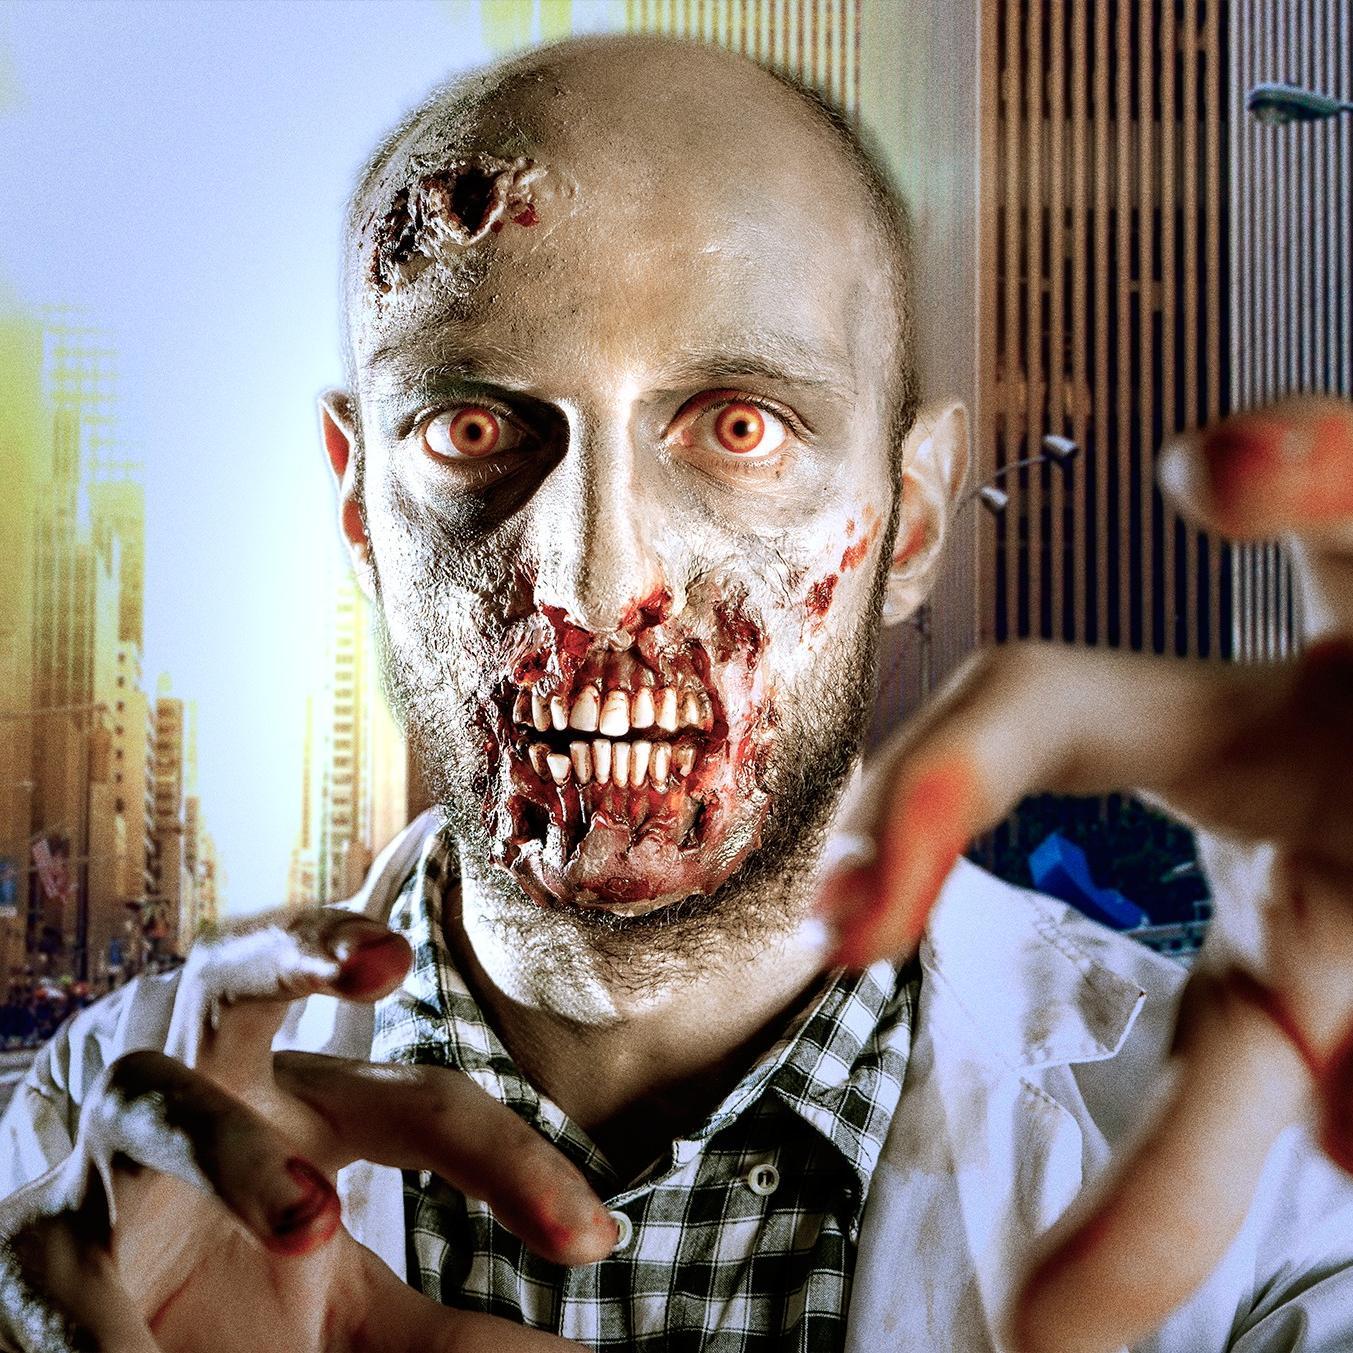 картинки как выглядят настоящие зомби состоялся этой